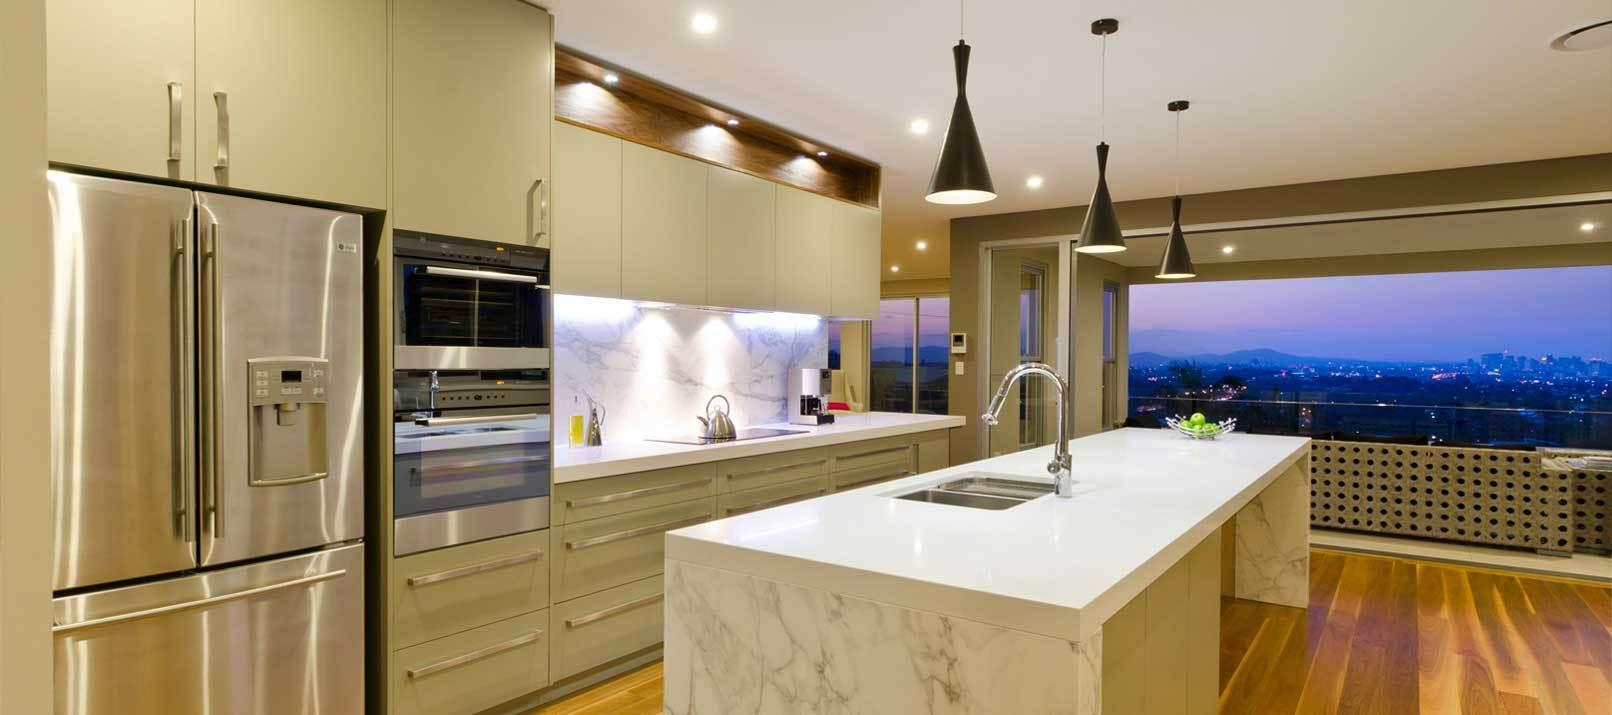 Design My New Kitchen